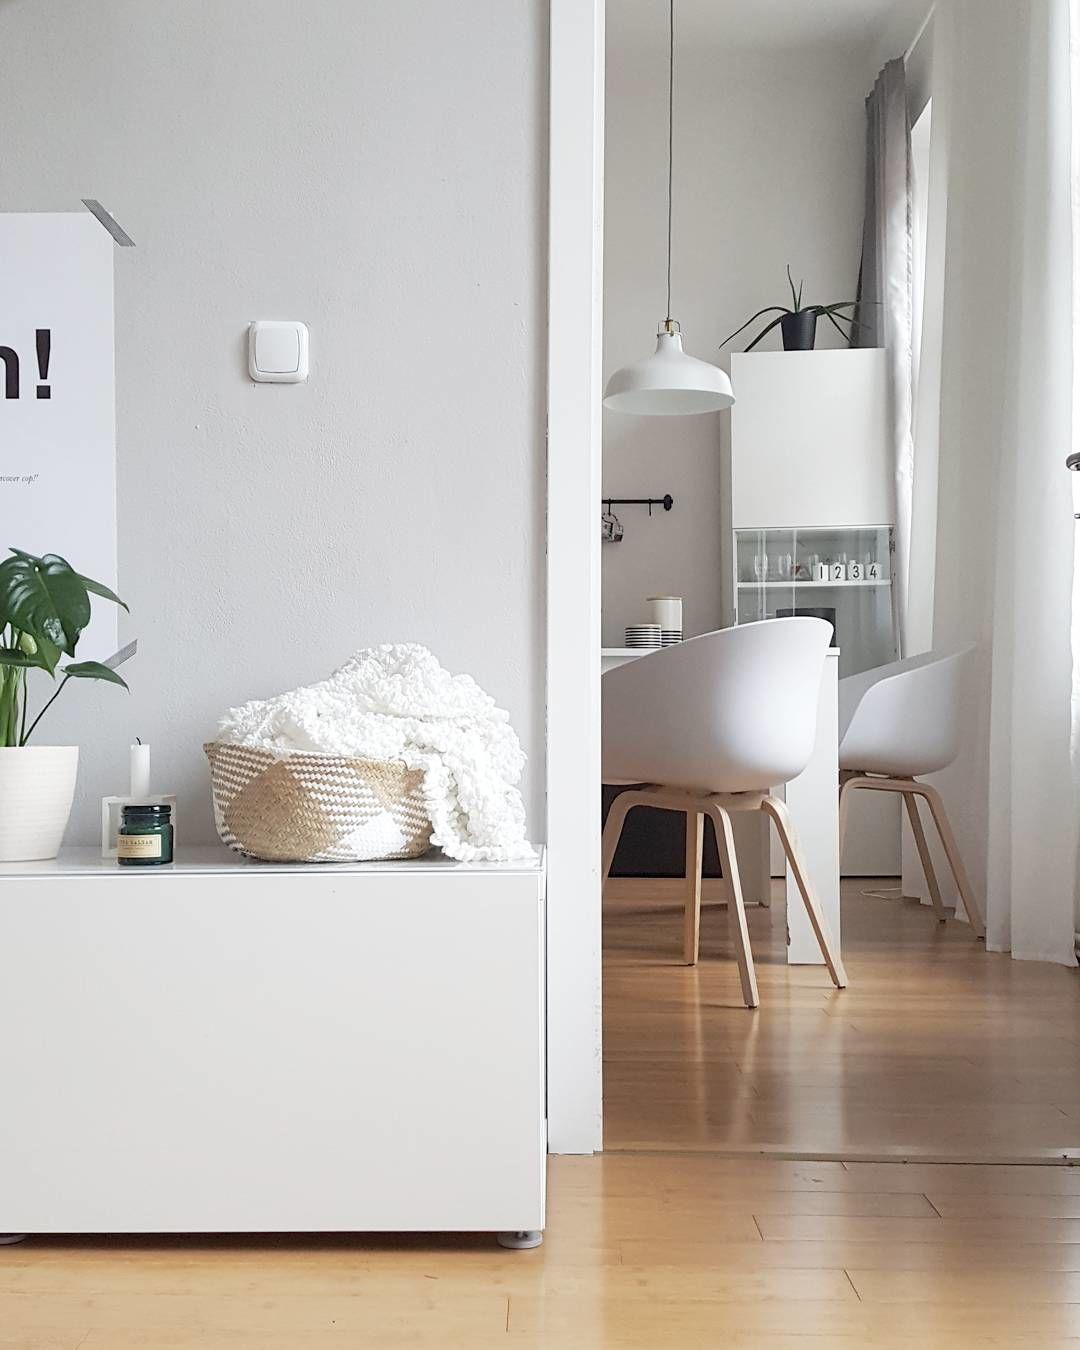 skandinavische wohnzimmer einrichtungstipps und ideen seite 5 wohnzimmer einrichtungstipps